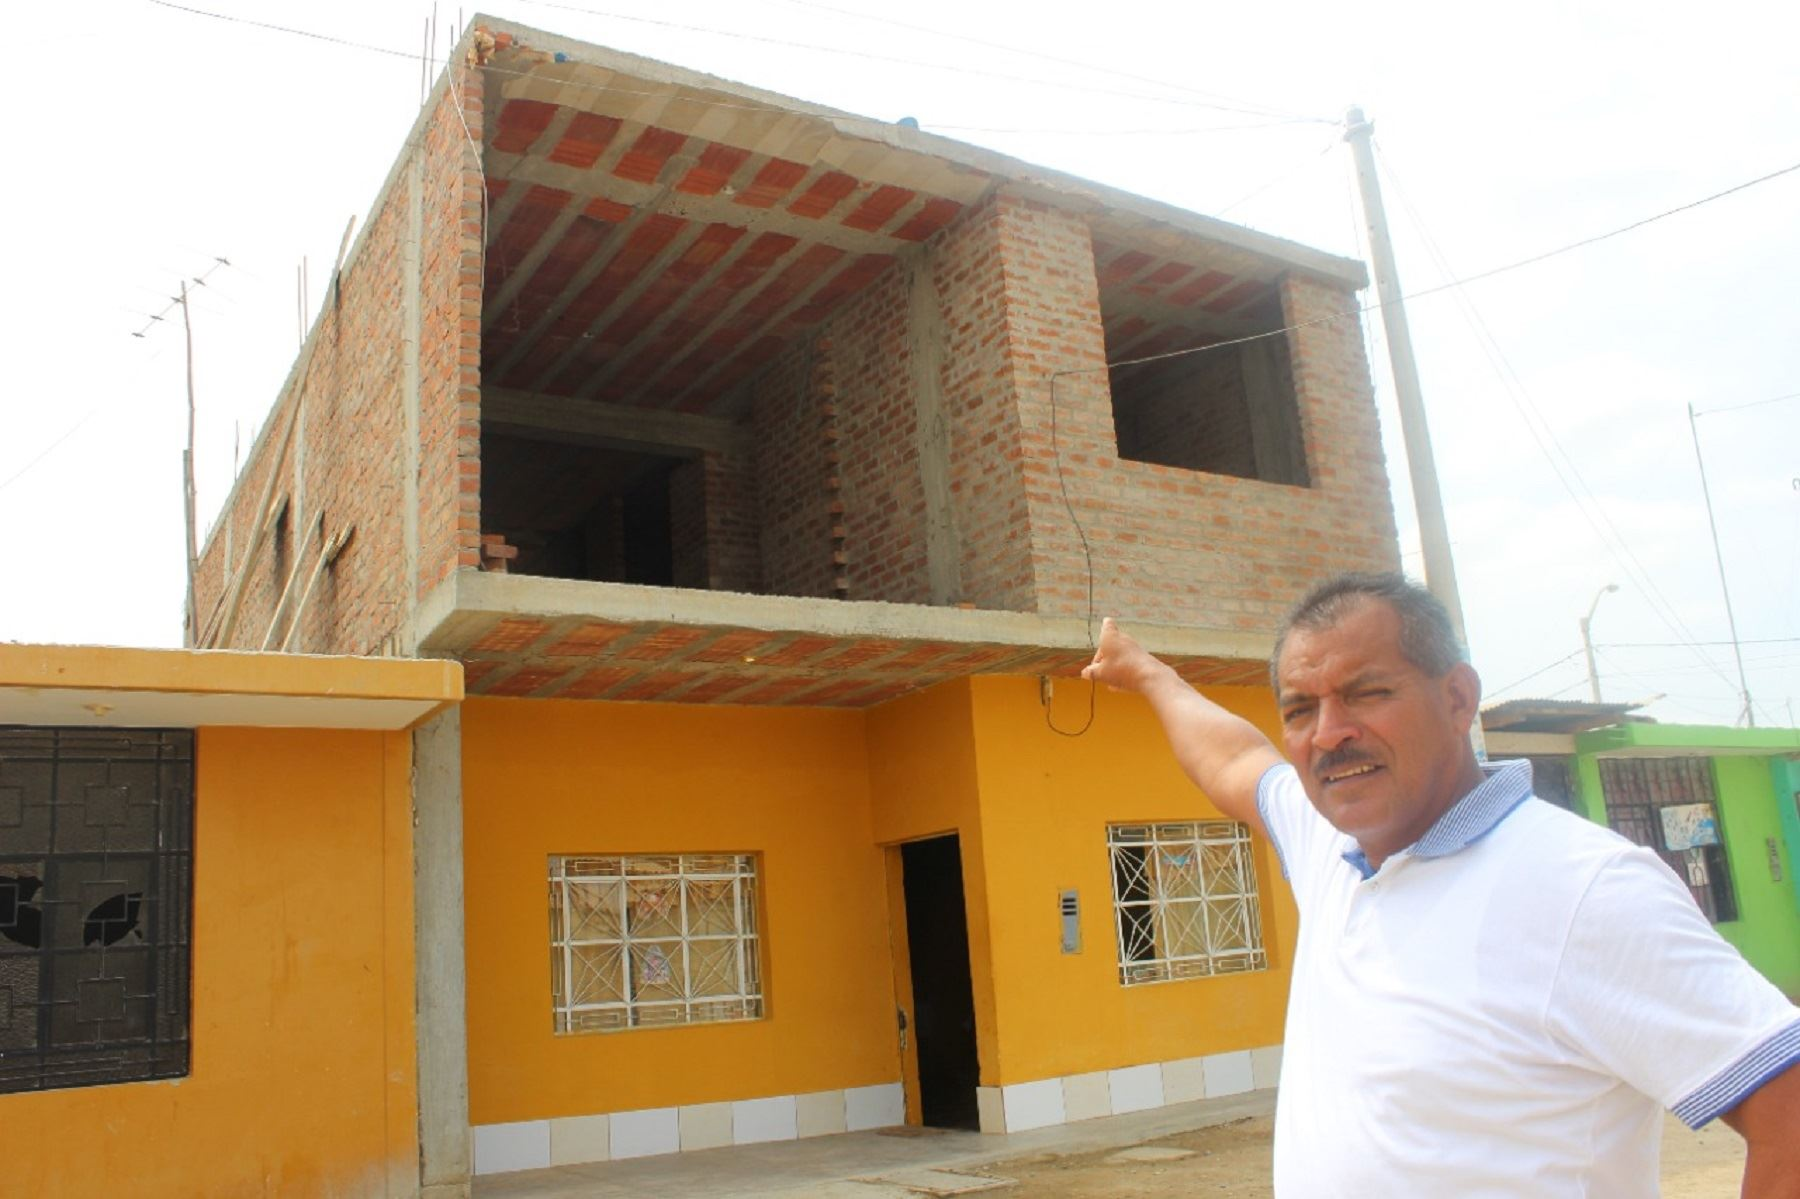 Política de Vivienda y Urbanismo promoverá asistencia a familias que construyen sus casas